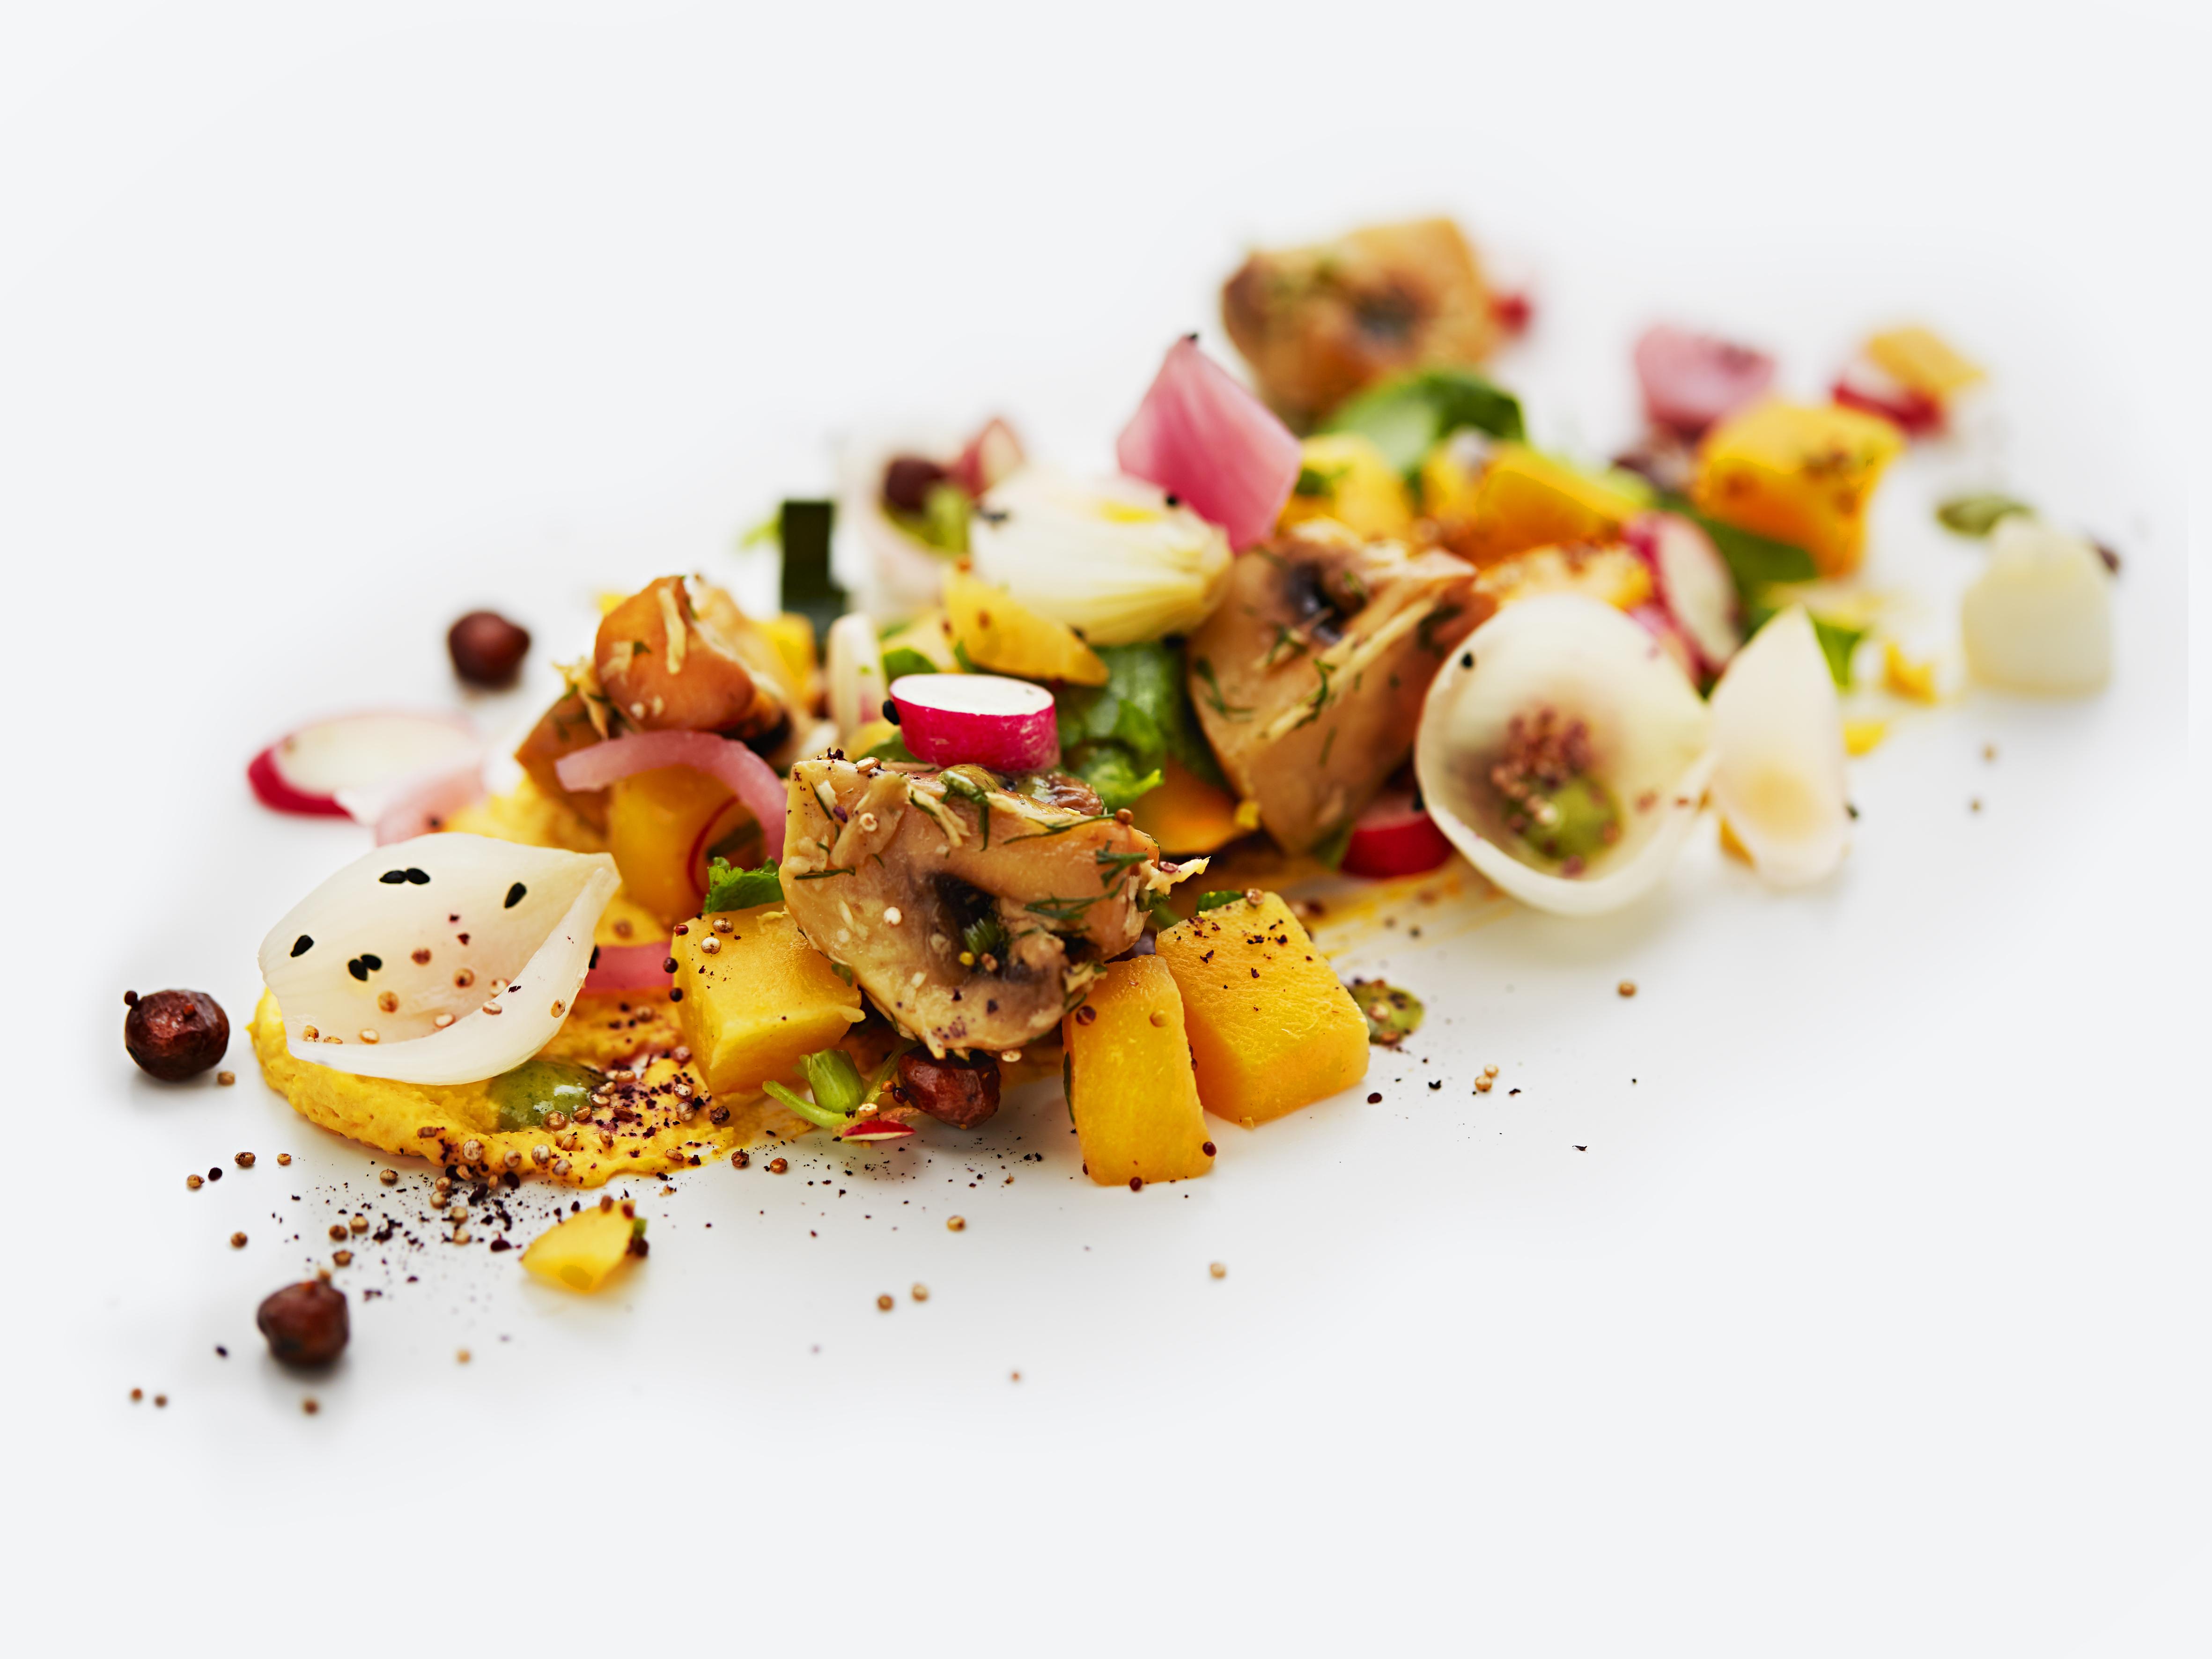 SAS introducerer to nye vegetarmenuer. Den ene er svampe i dild- og peberrodslage sammen med en kålrabisalat. Foto: SAS / Andy Prhat